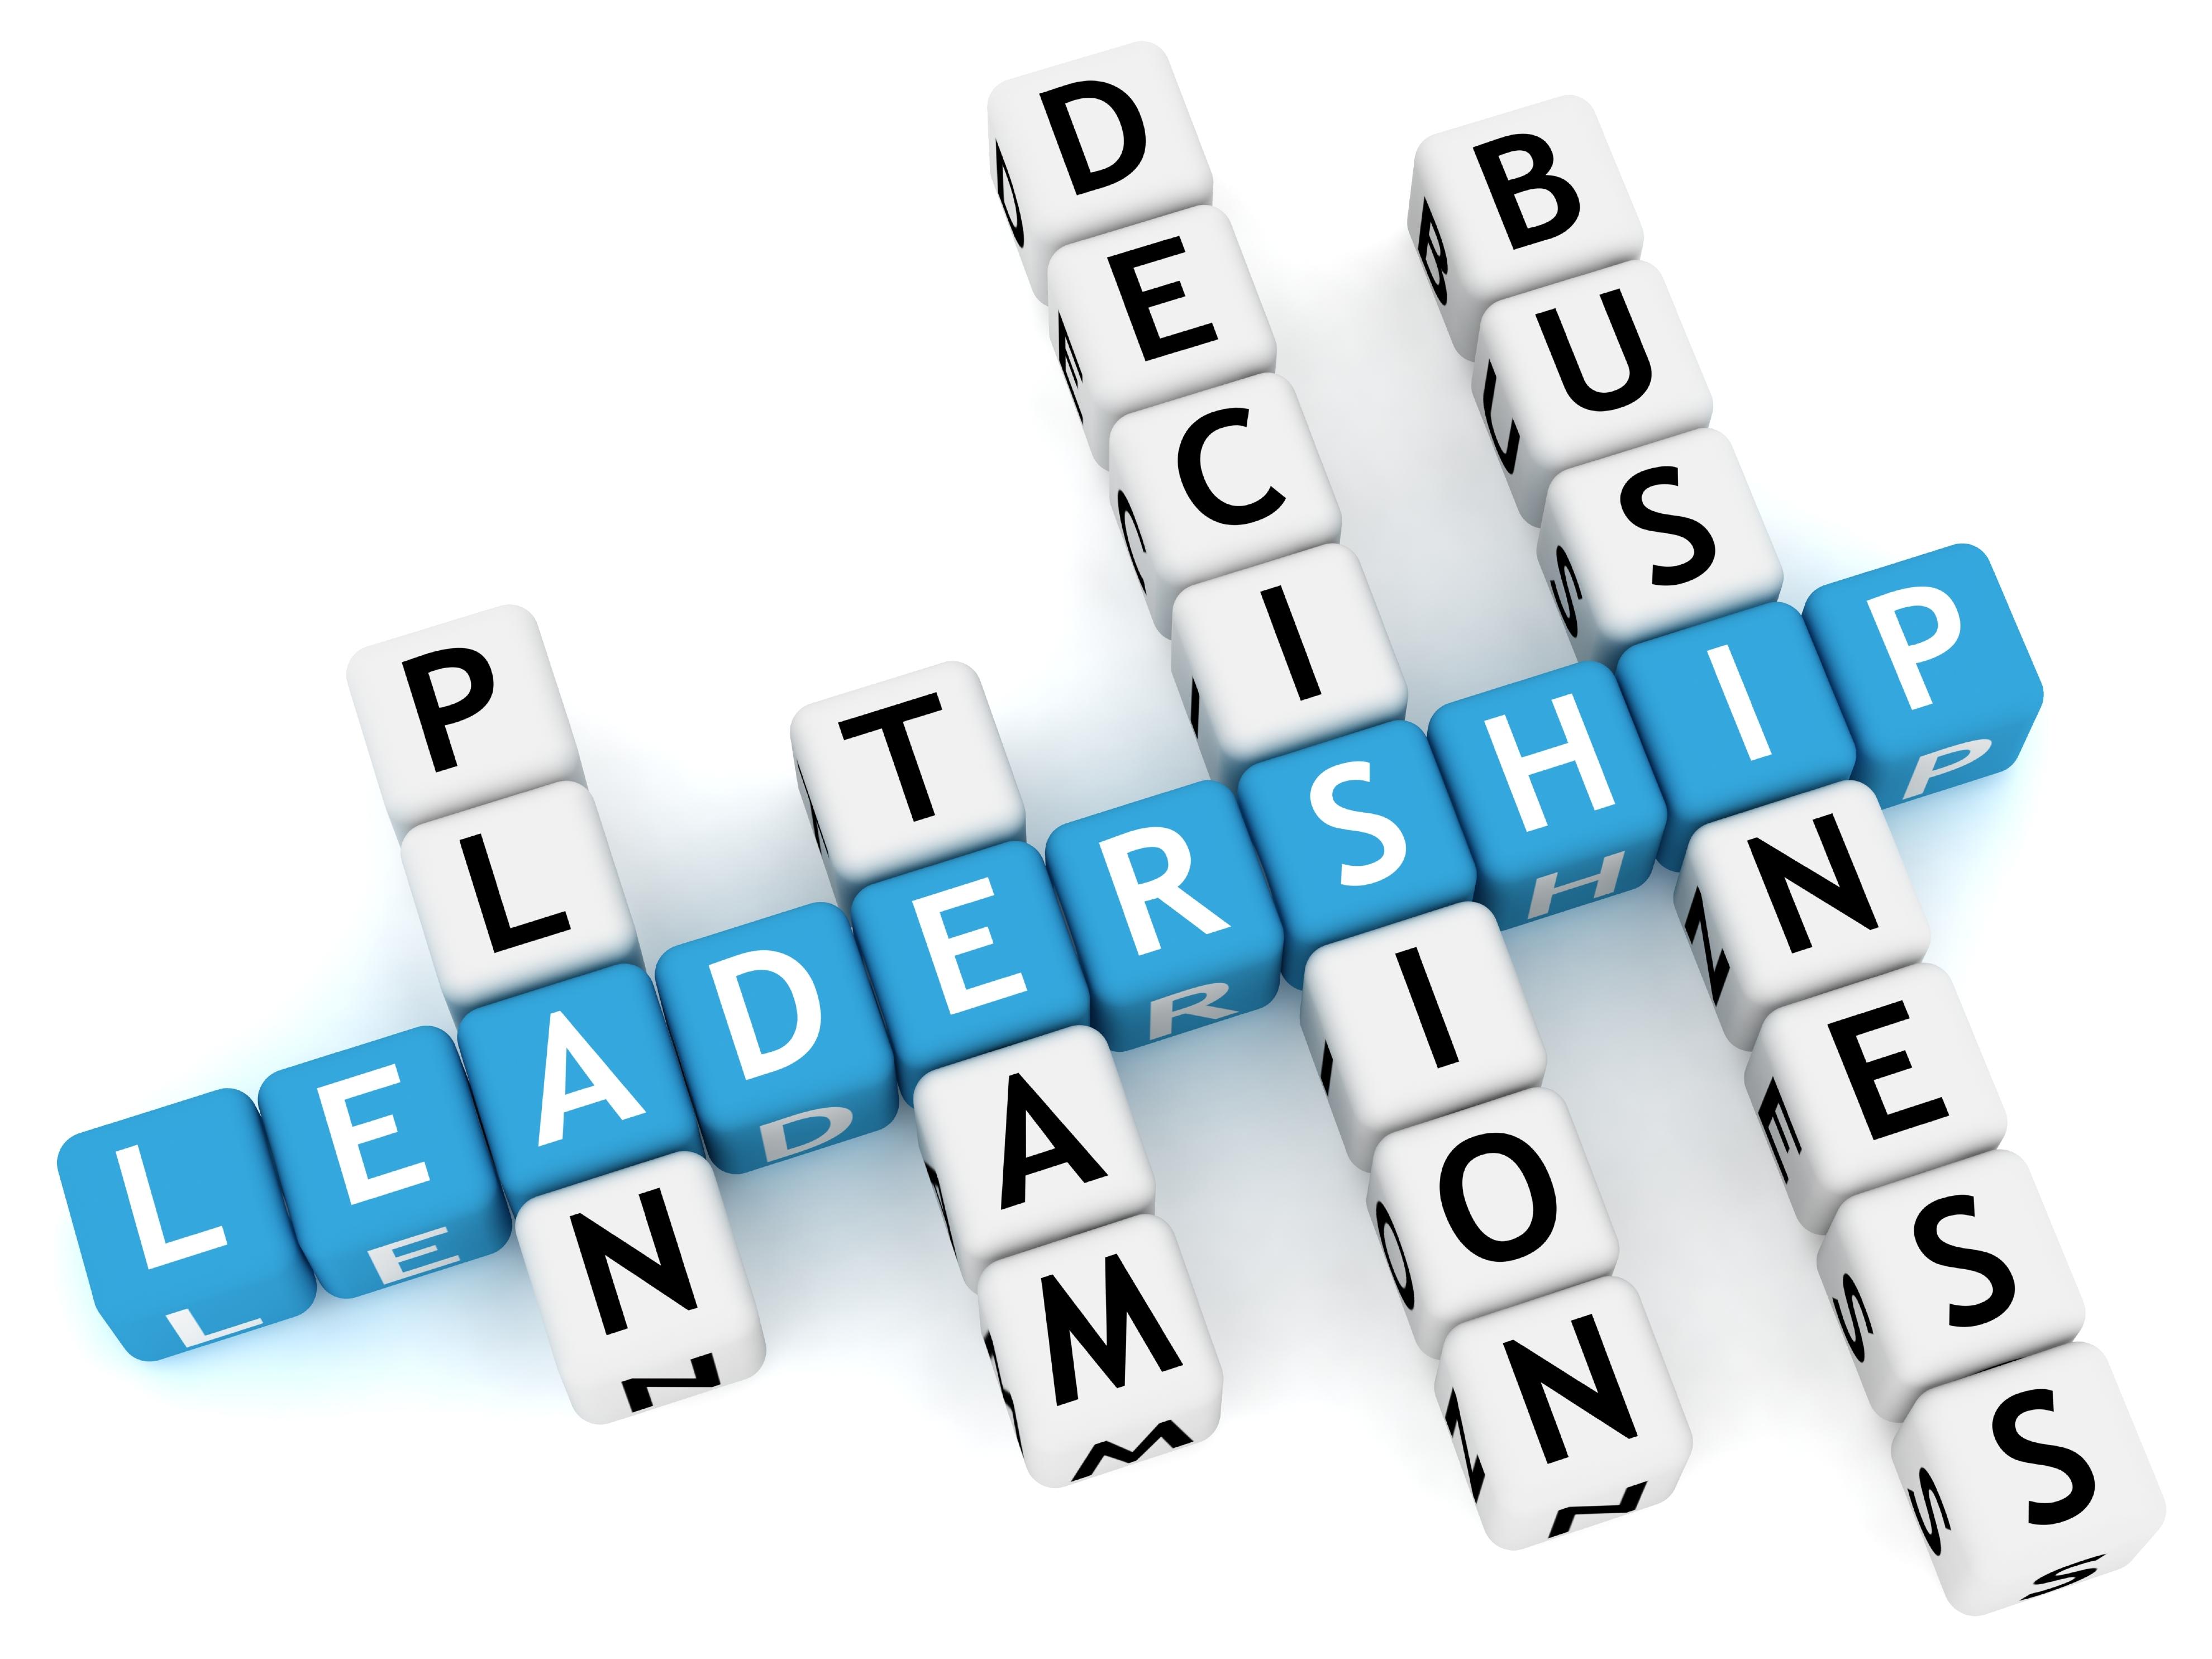 Leadership - Pan Atlantic